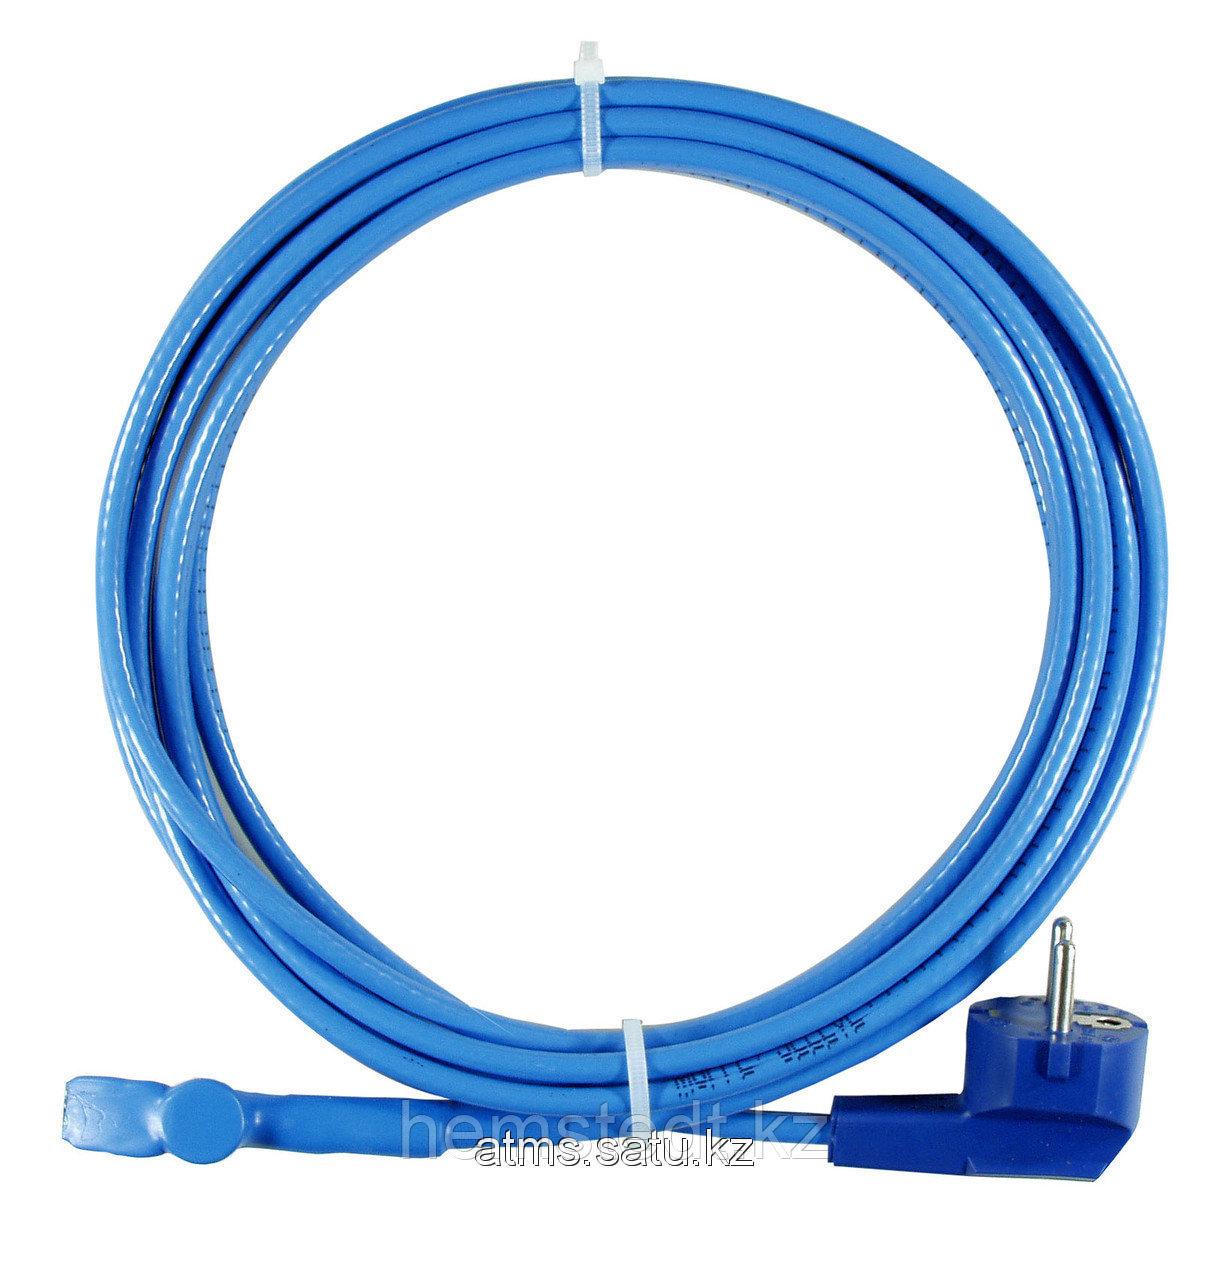 Кабель Hemstedt FS для защиты трубопроводов от замерзания с термоограничителем 9м